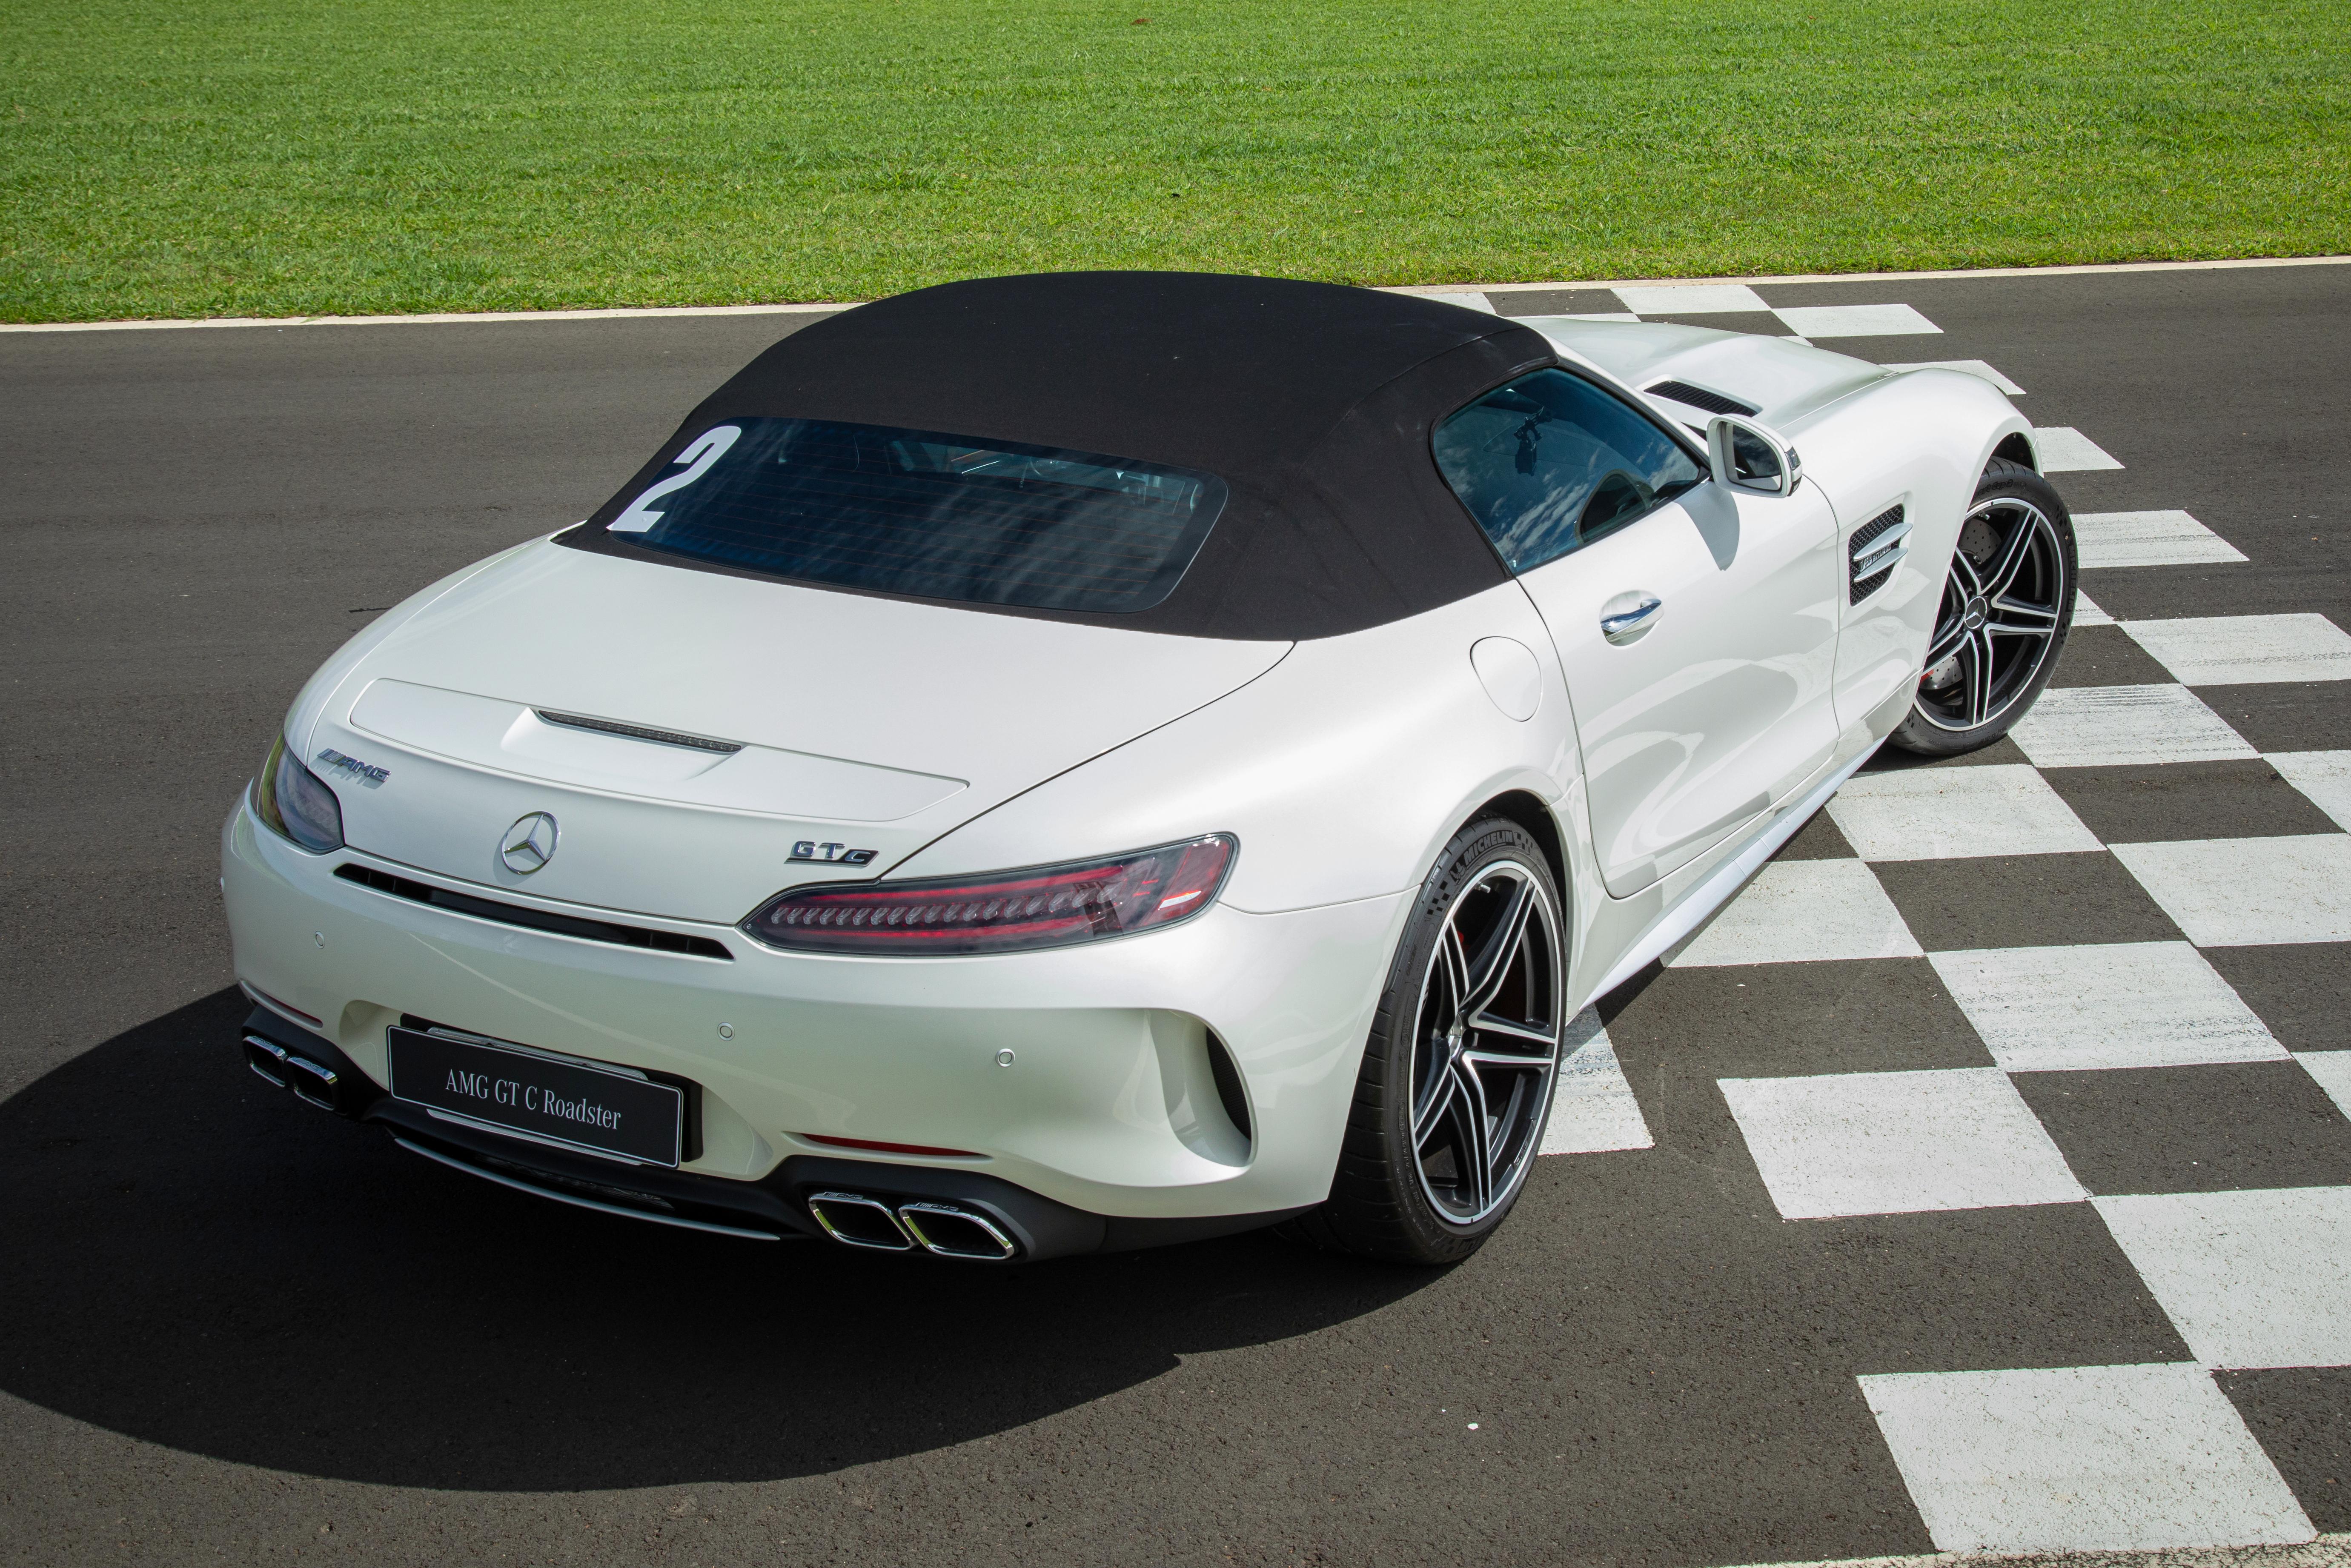 Amg Gt C Roadster E Para Andar Rapido De Cabelo Ao Vento A R 1 2 Milhao Quatro Rodas